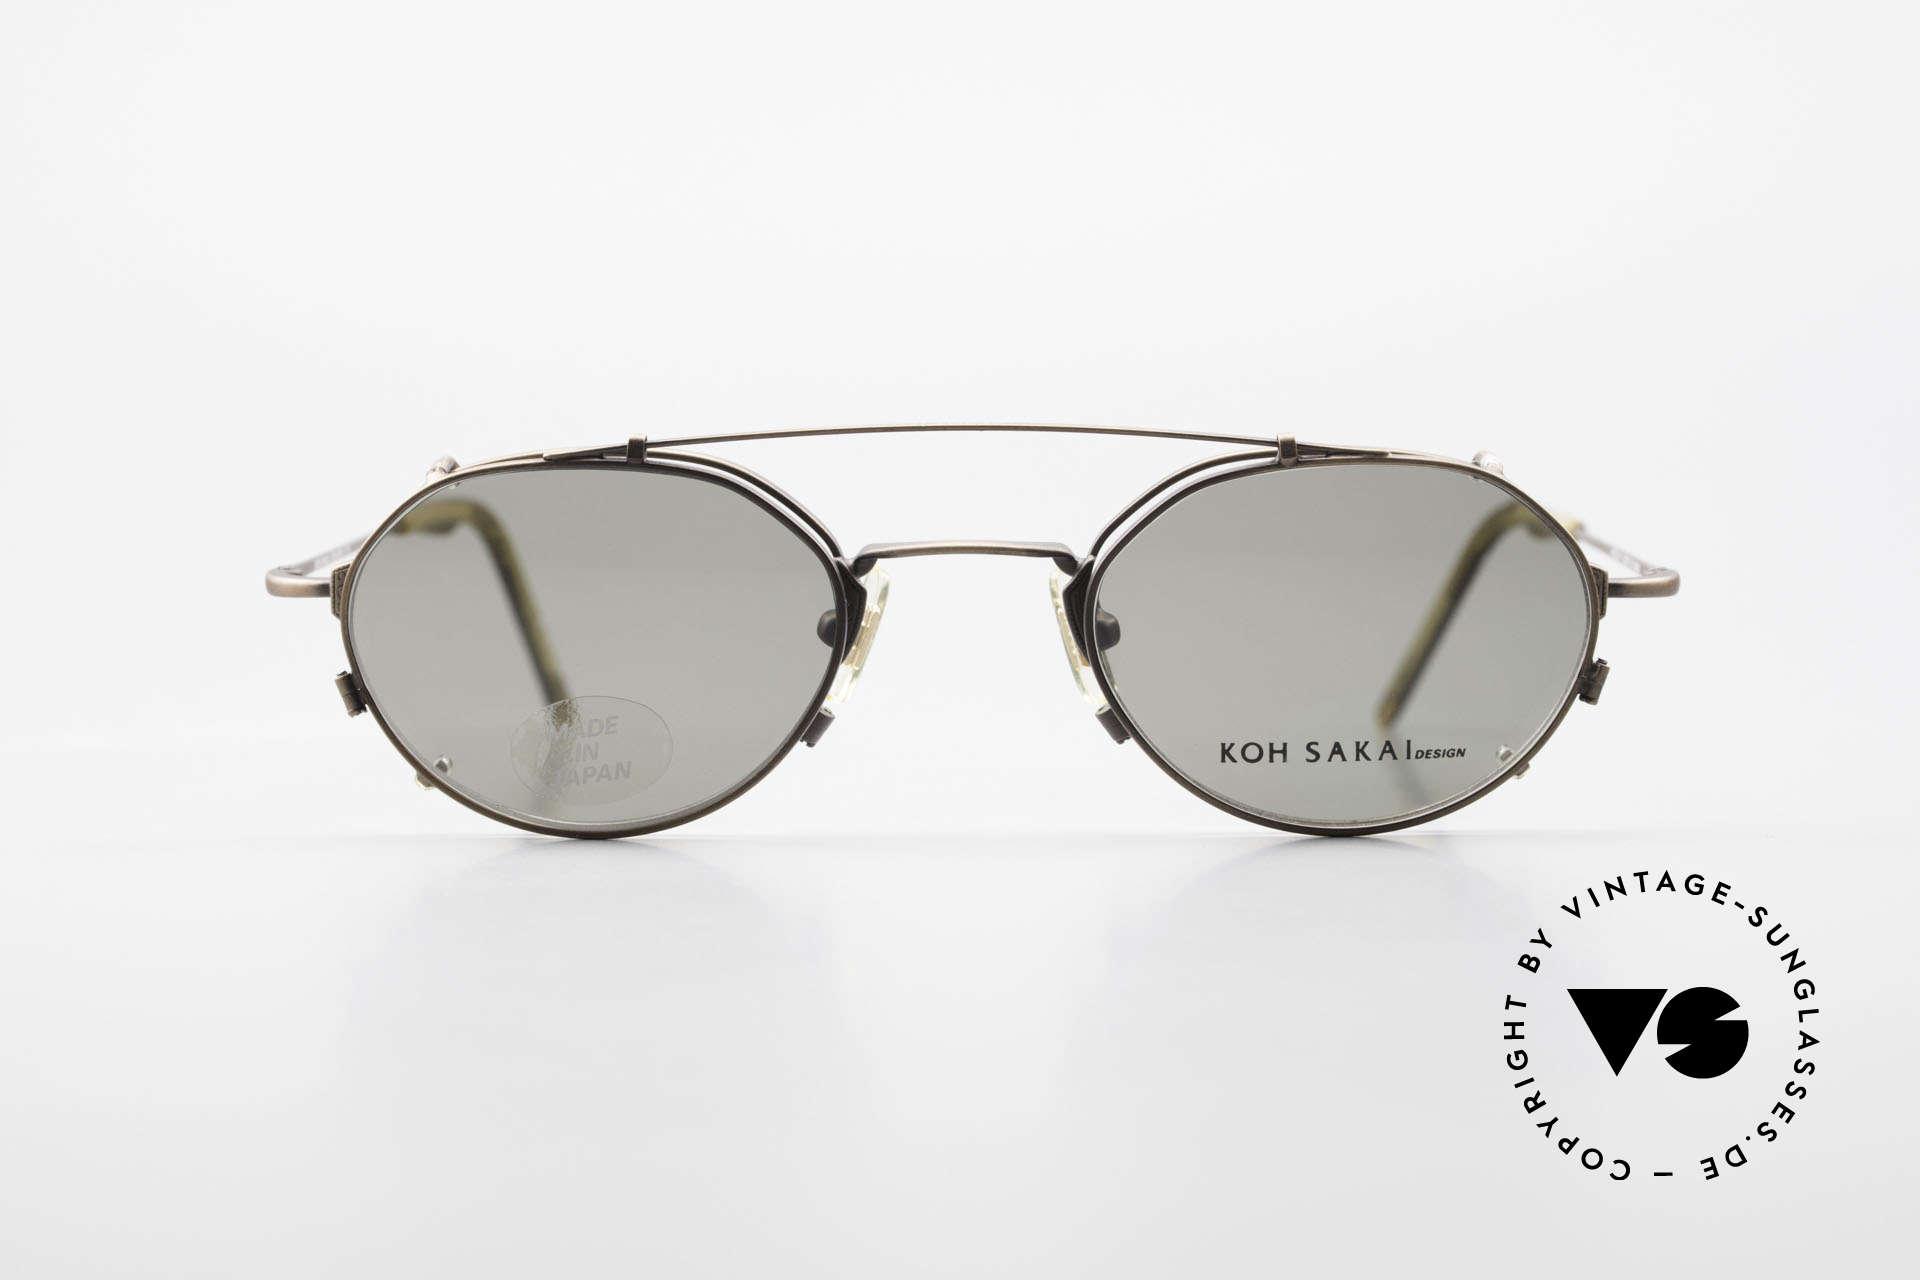 Koh Sakai KS9719 Vintage Frame Ladies & Gents, Koh Sakai, BADA and OKIO have been one distribution, Made for Men and Women